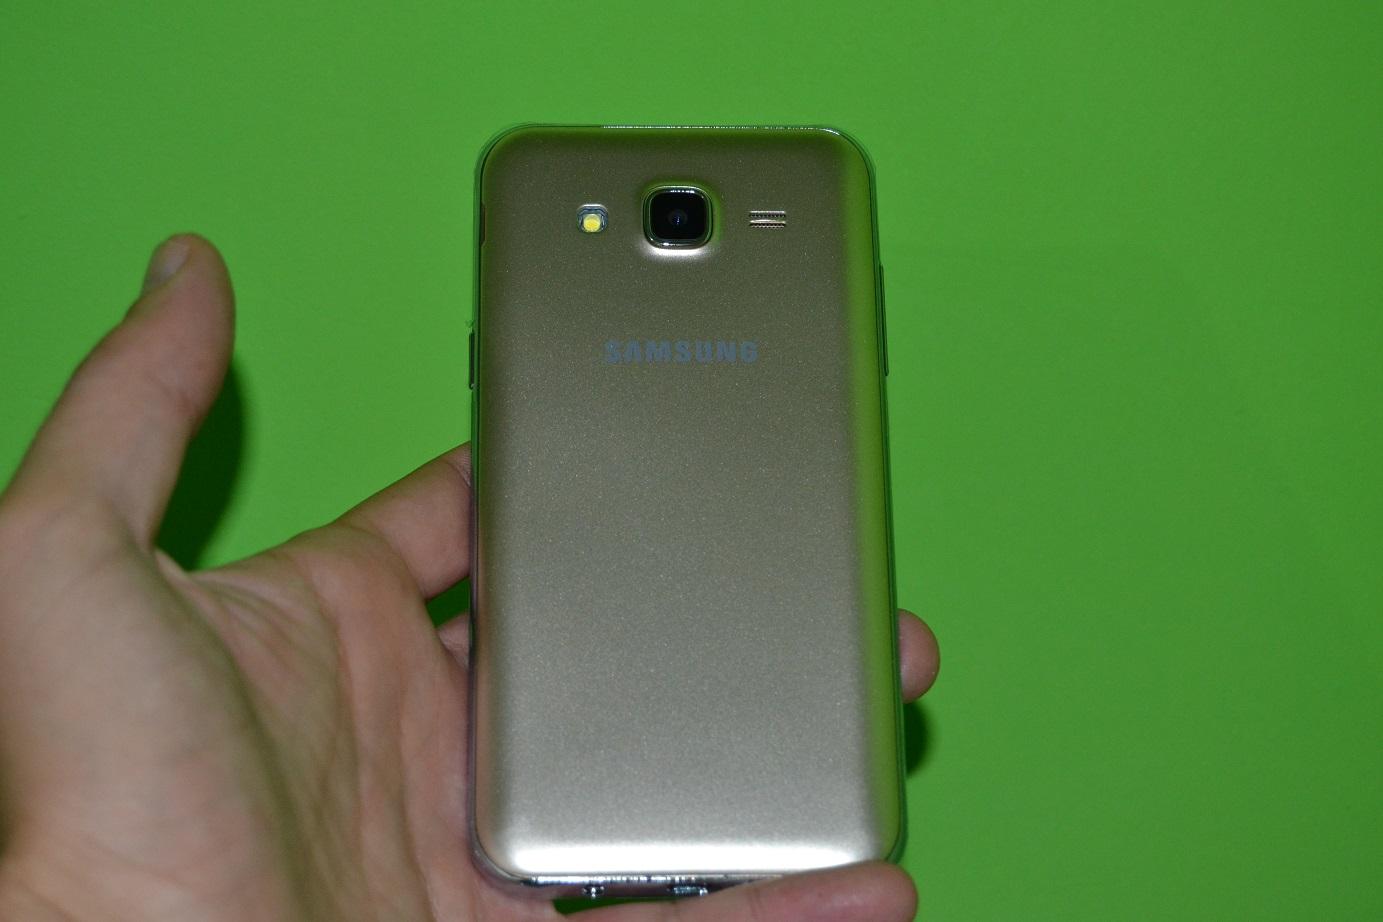 Cum am luat de la Vodafone un Samsung Galaxy J5 de 850 lei cu 40 lei